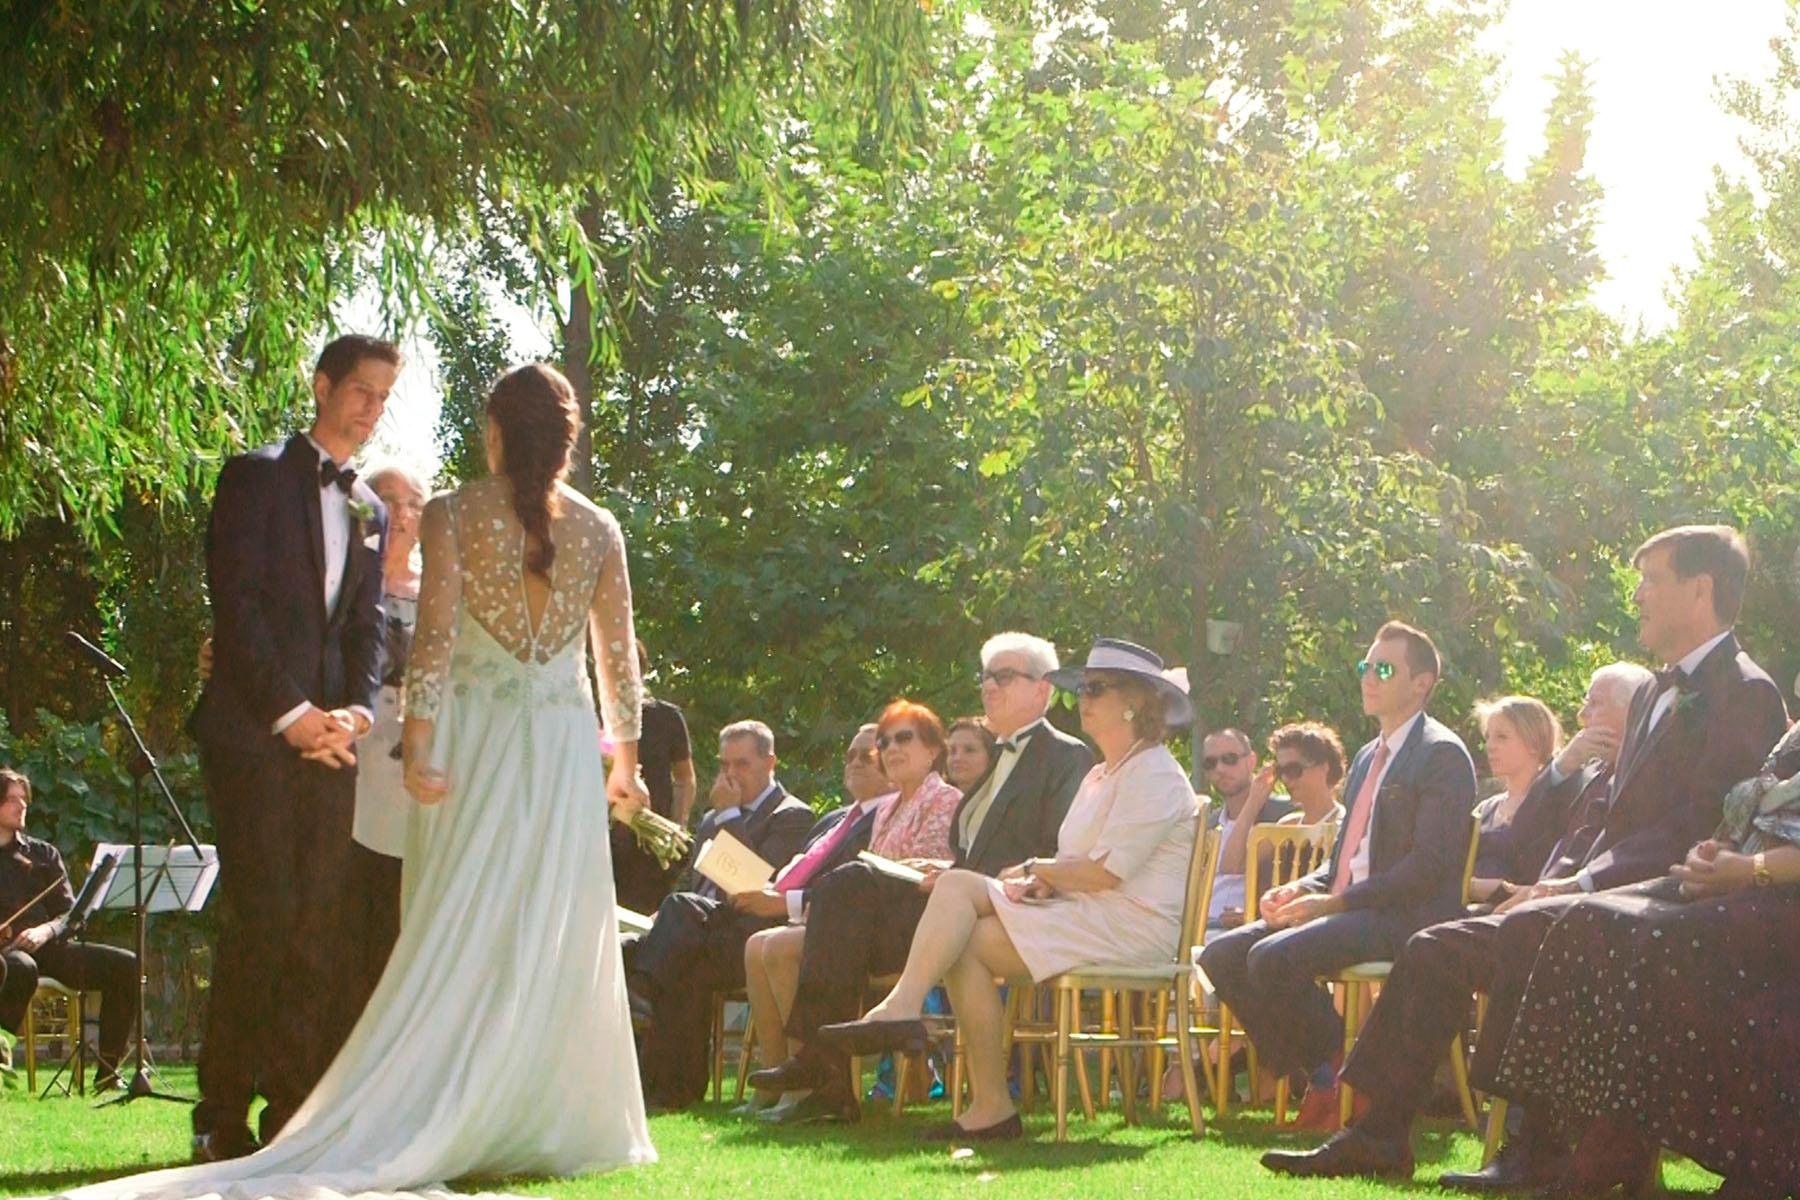 Fotografía y vídeo de bodas y prebodas - Pablo Yunyas - Madrid y toda España